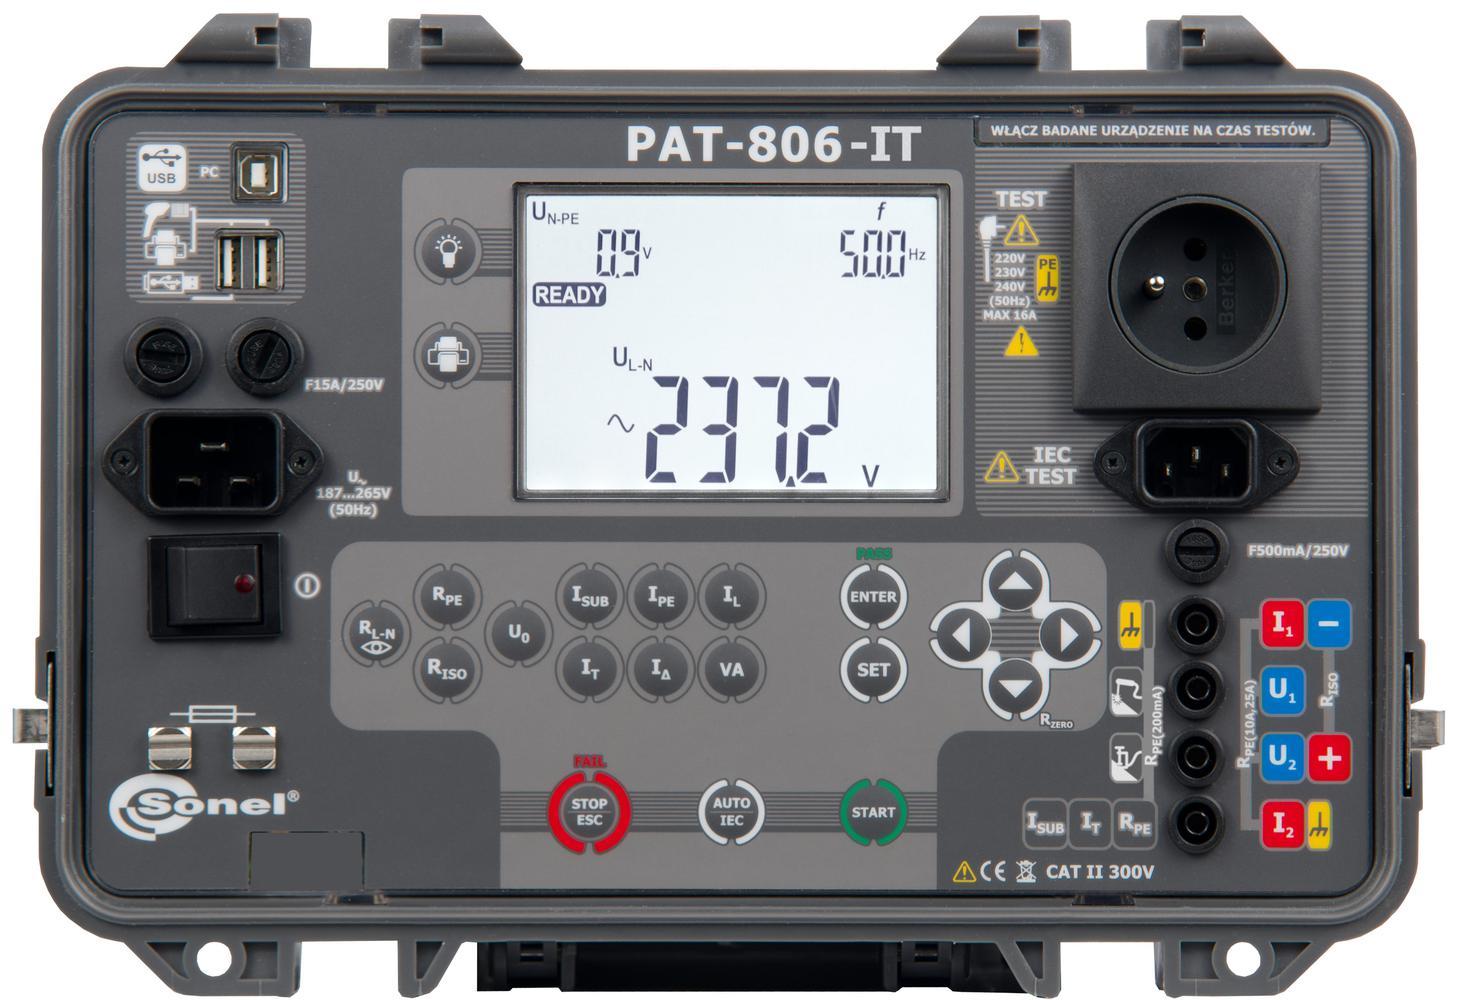 PAT-806-IT Miernik bezpieczeństwa sprzętu elektrycznego